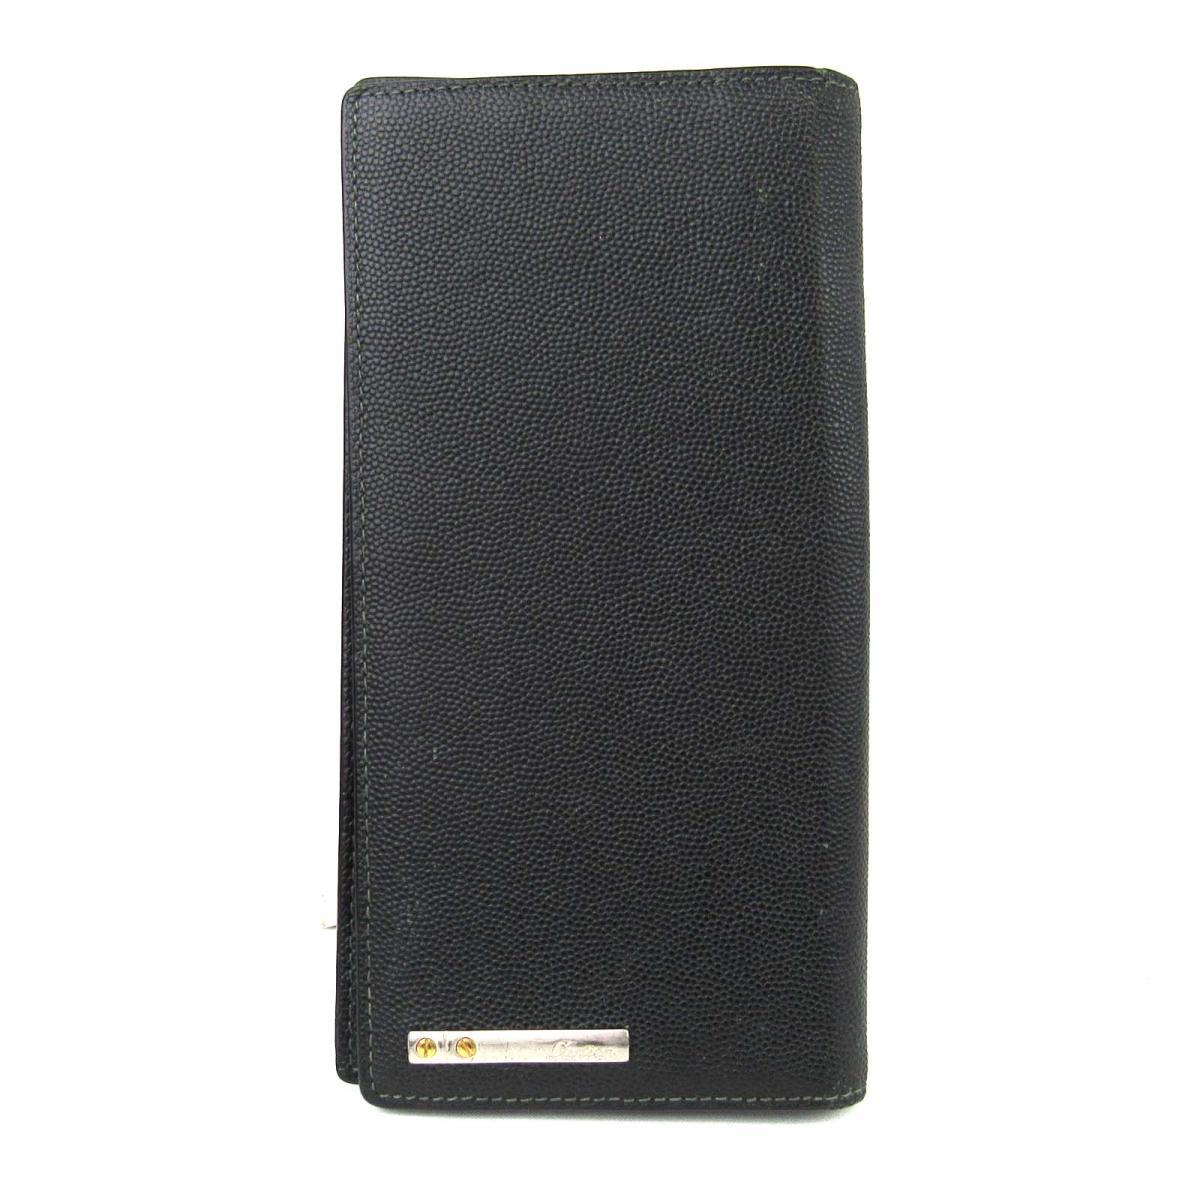 【中古】カルティエ ZIP長財布 財布 ユニセックス 型押しレザー ブラック